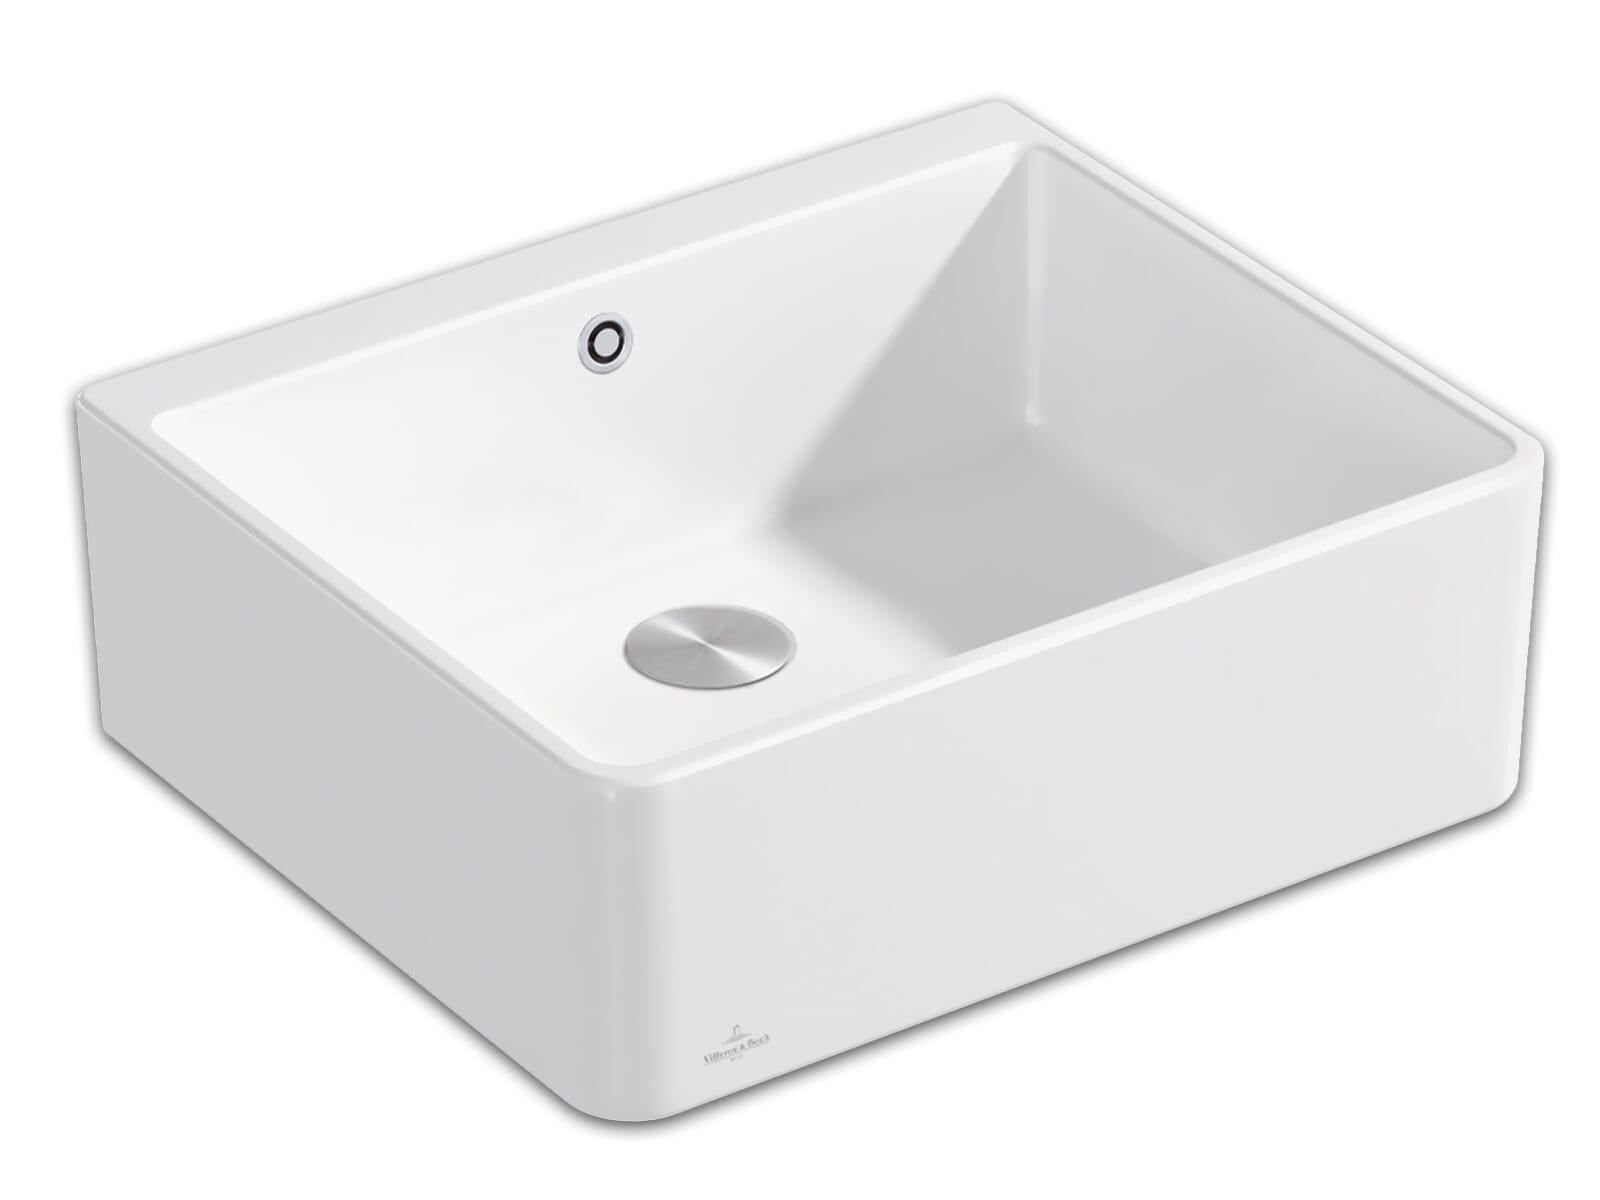 Villeroy & Boch Spülstein 60 X - 6360 02 RW Stone White Keramikspüle Excenterbetätigung